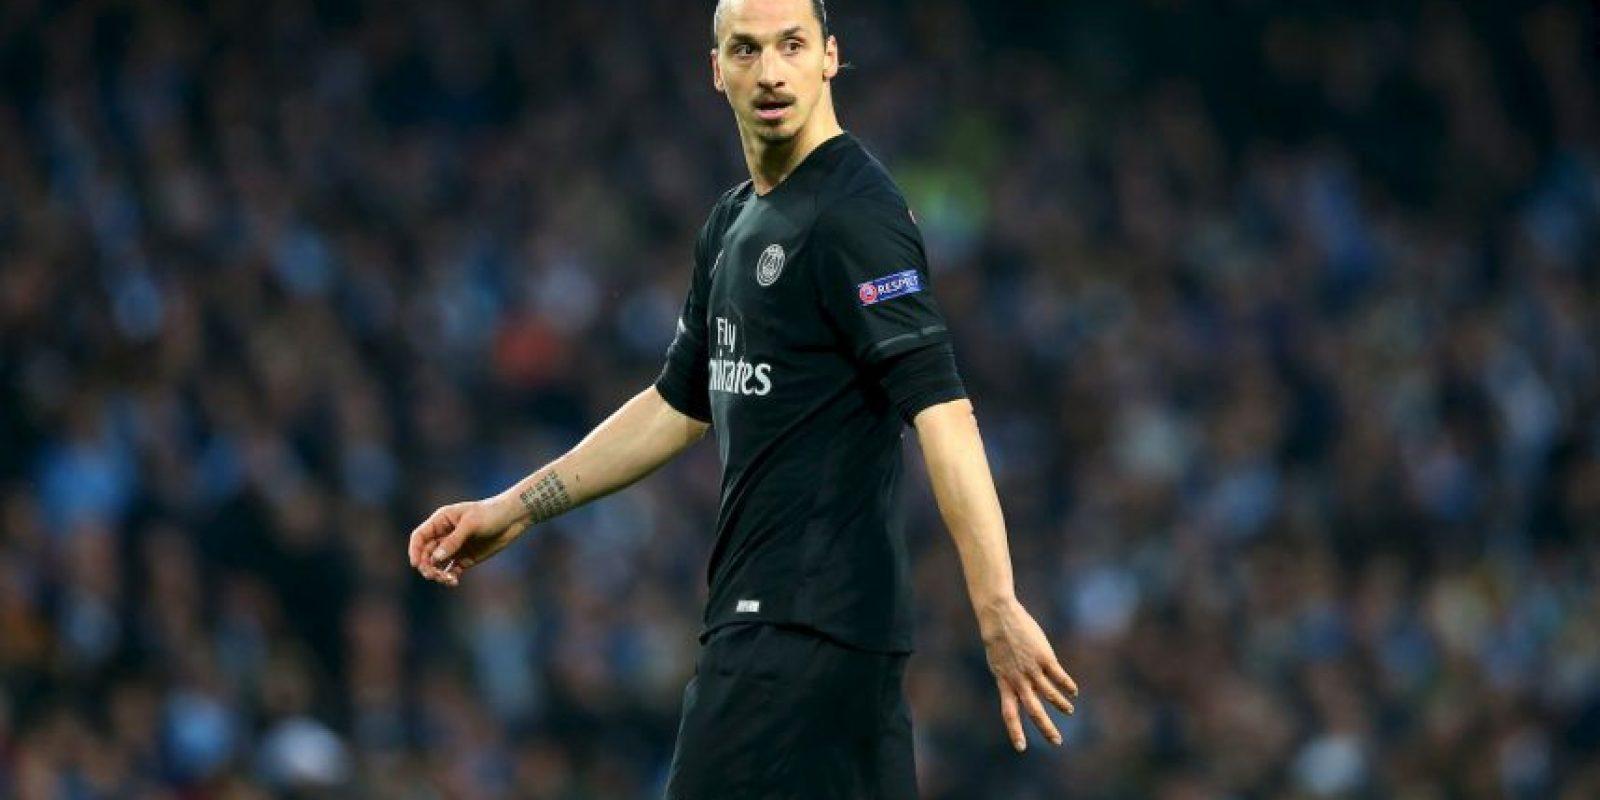 En 2012, PSG se convenció de comprar su carta y pagó 21 millones de euros para poder comprarlo Foto:Getty Images